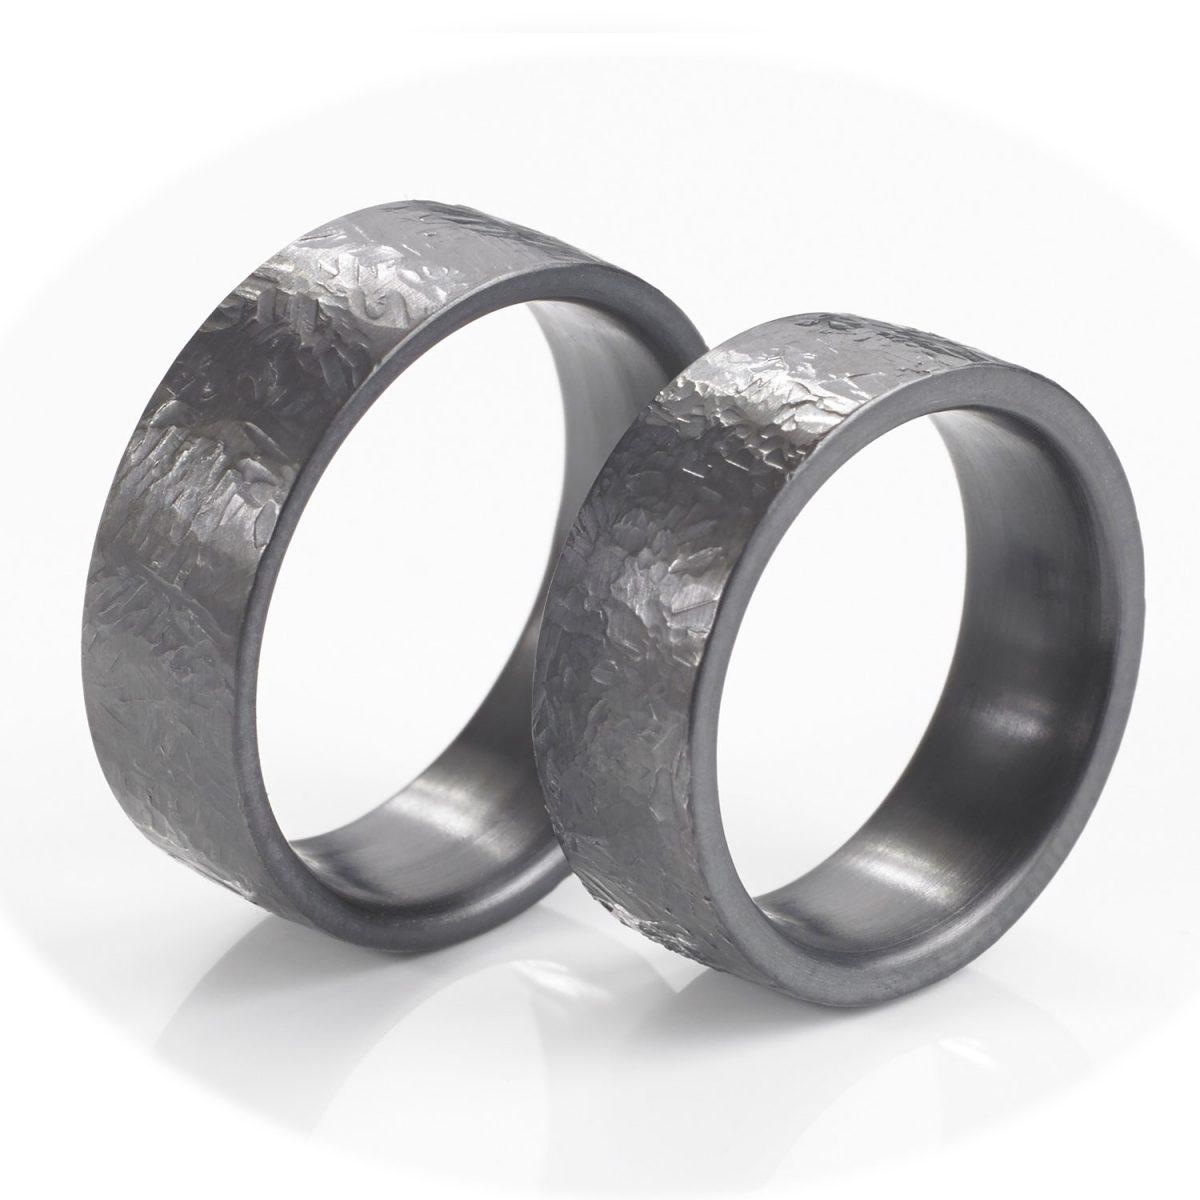 Tantal Hochzeitsringe | Ringe aus Tantal | True Love Collection No:17